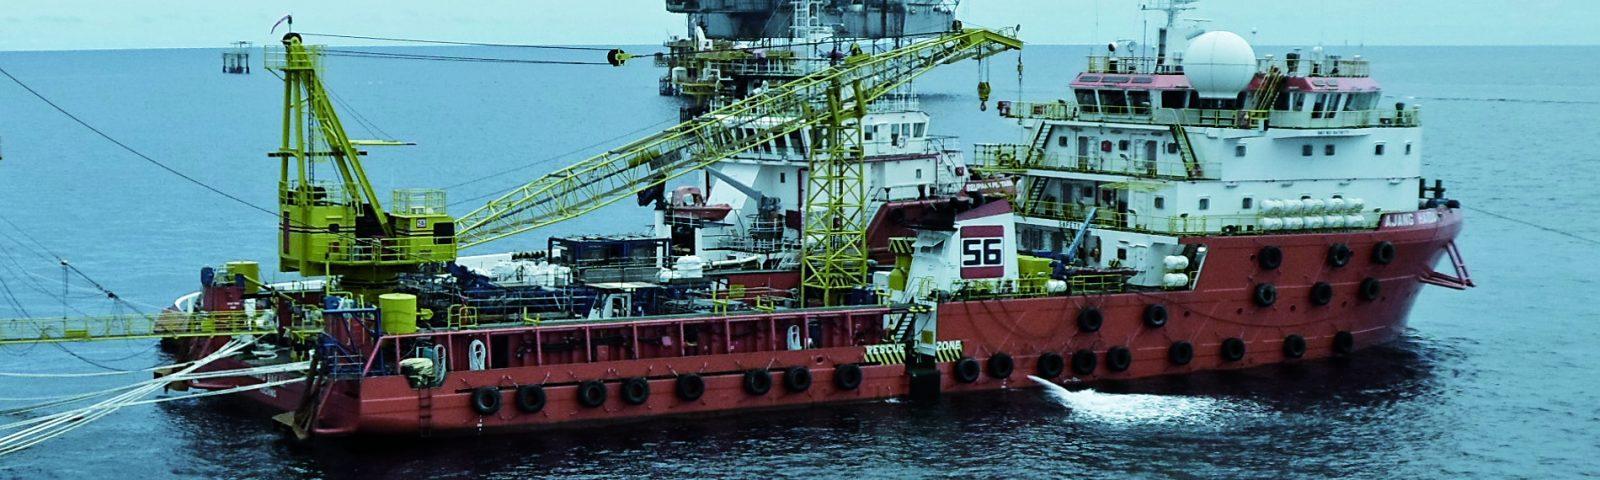 Maersk H2S Brunei - Maerskh2s